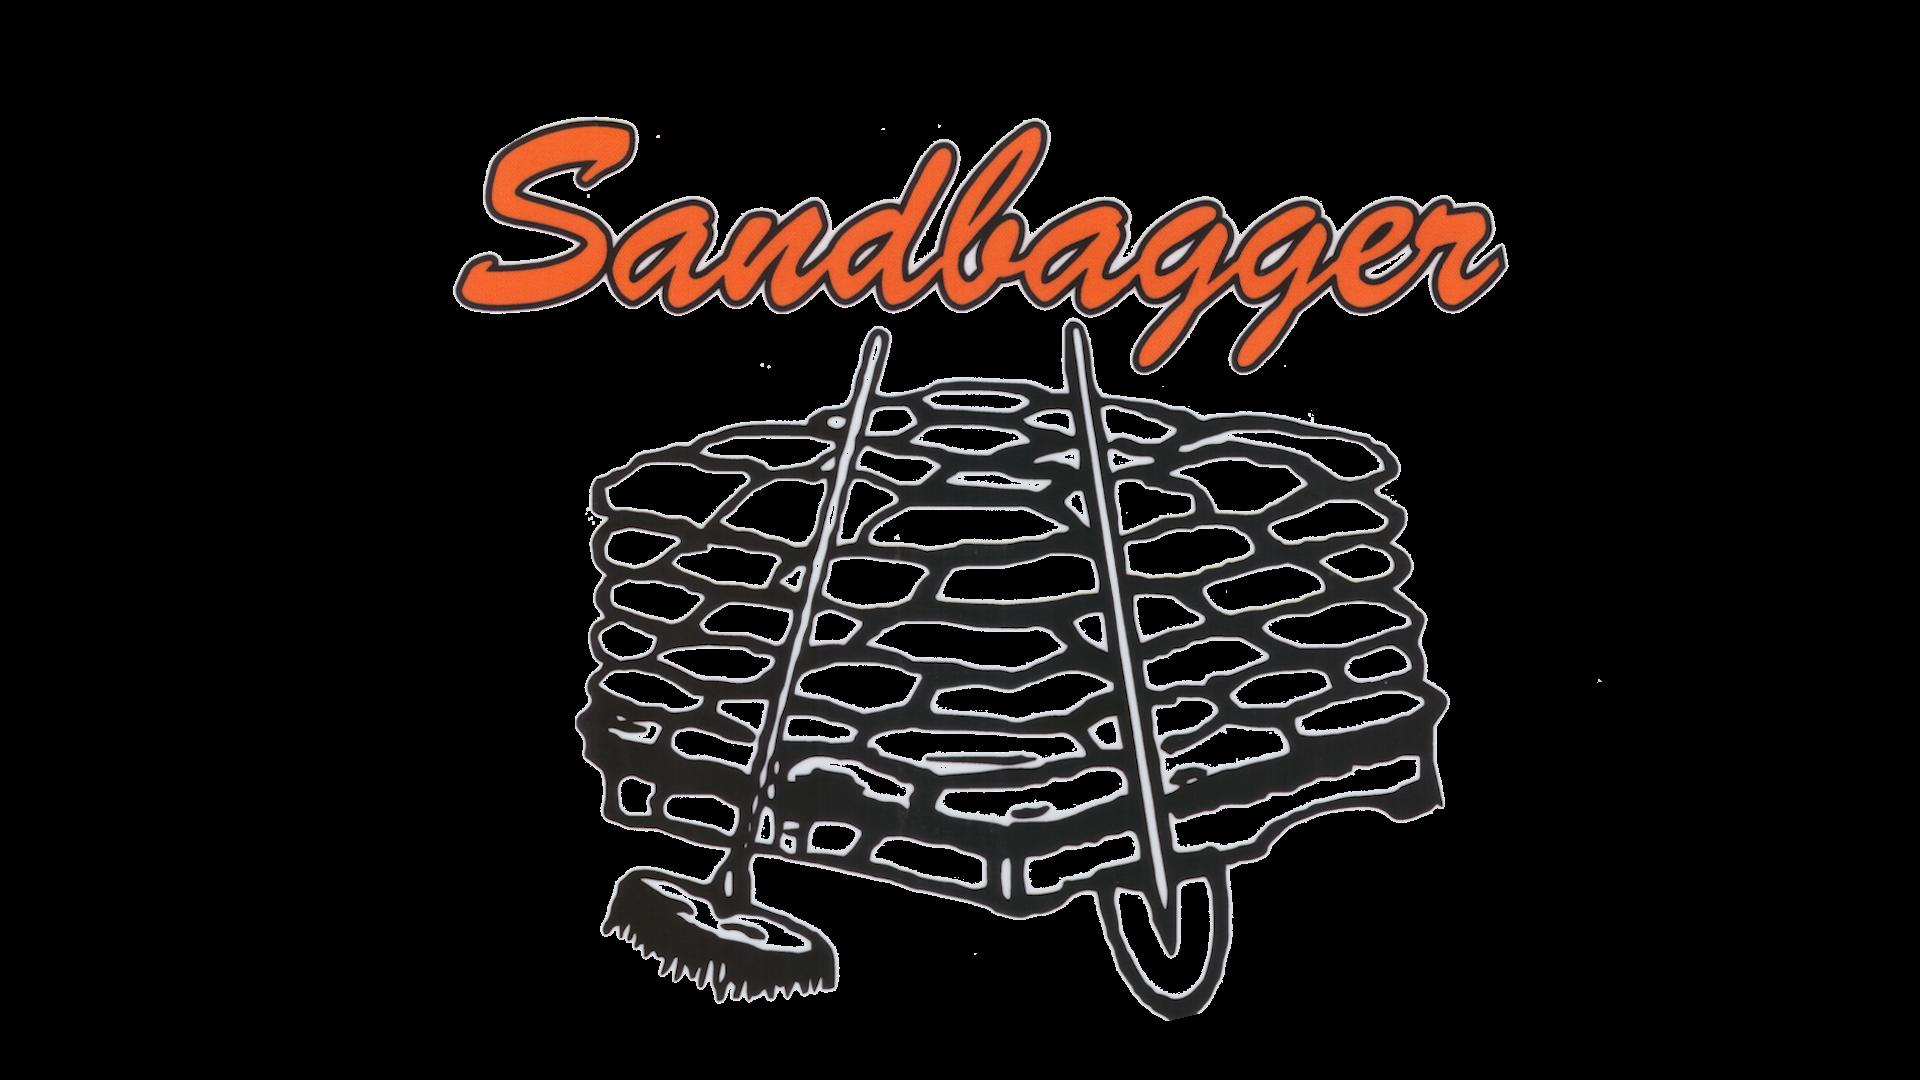 Sandbagger logo